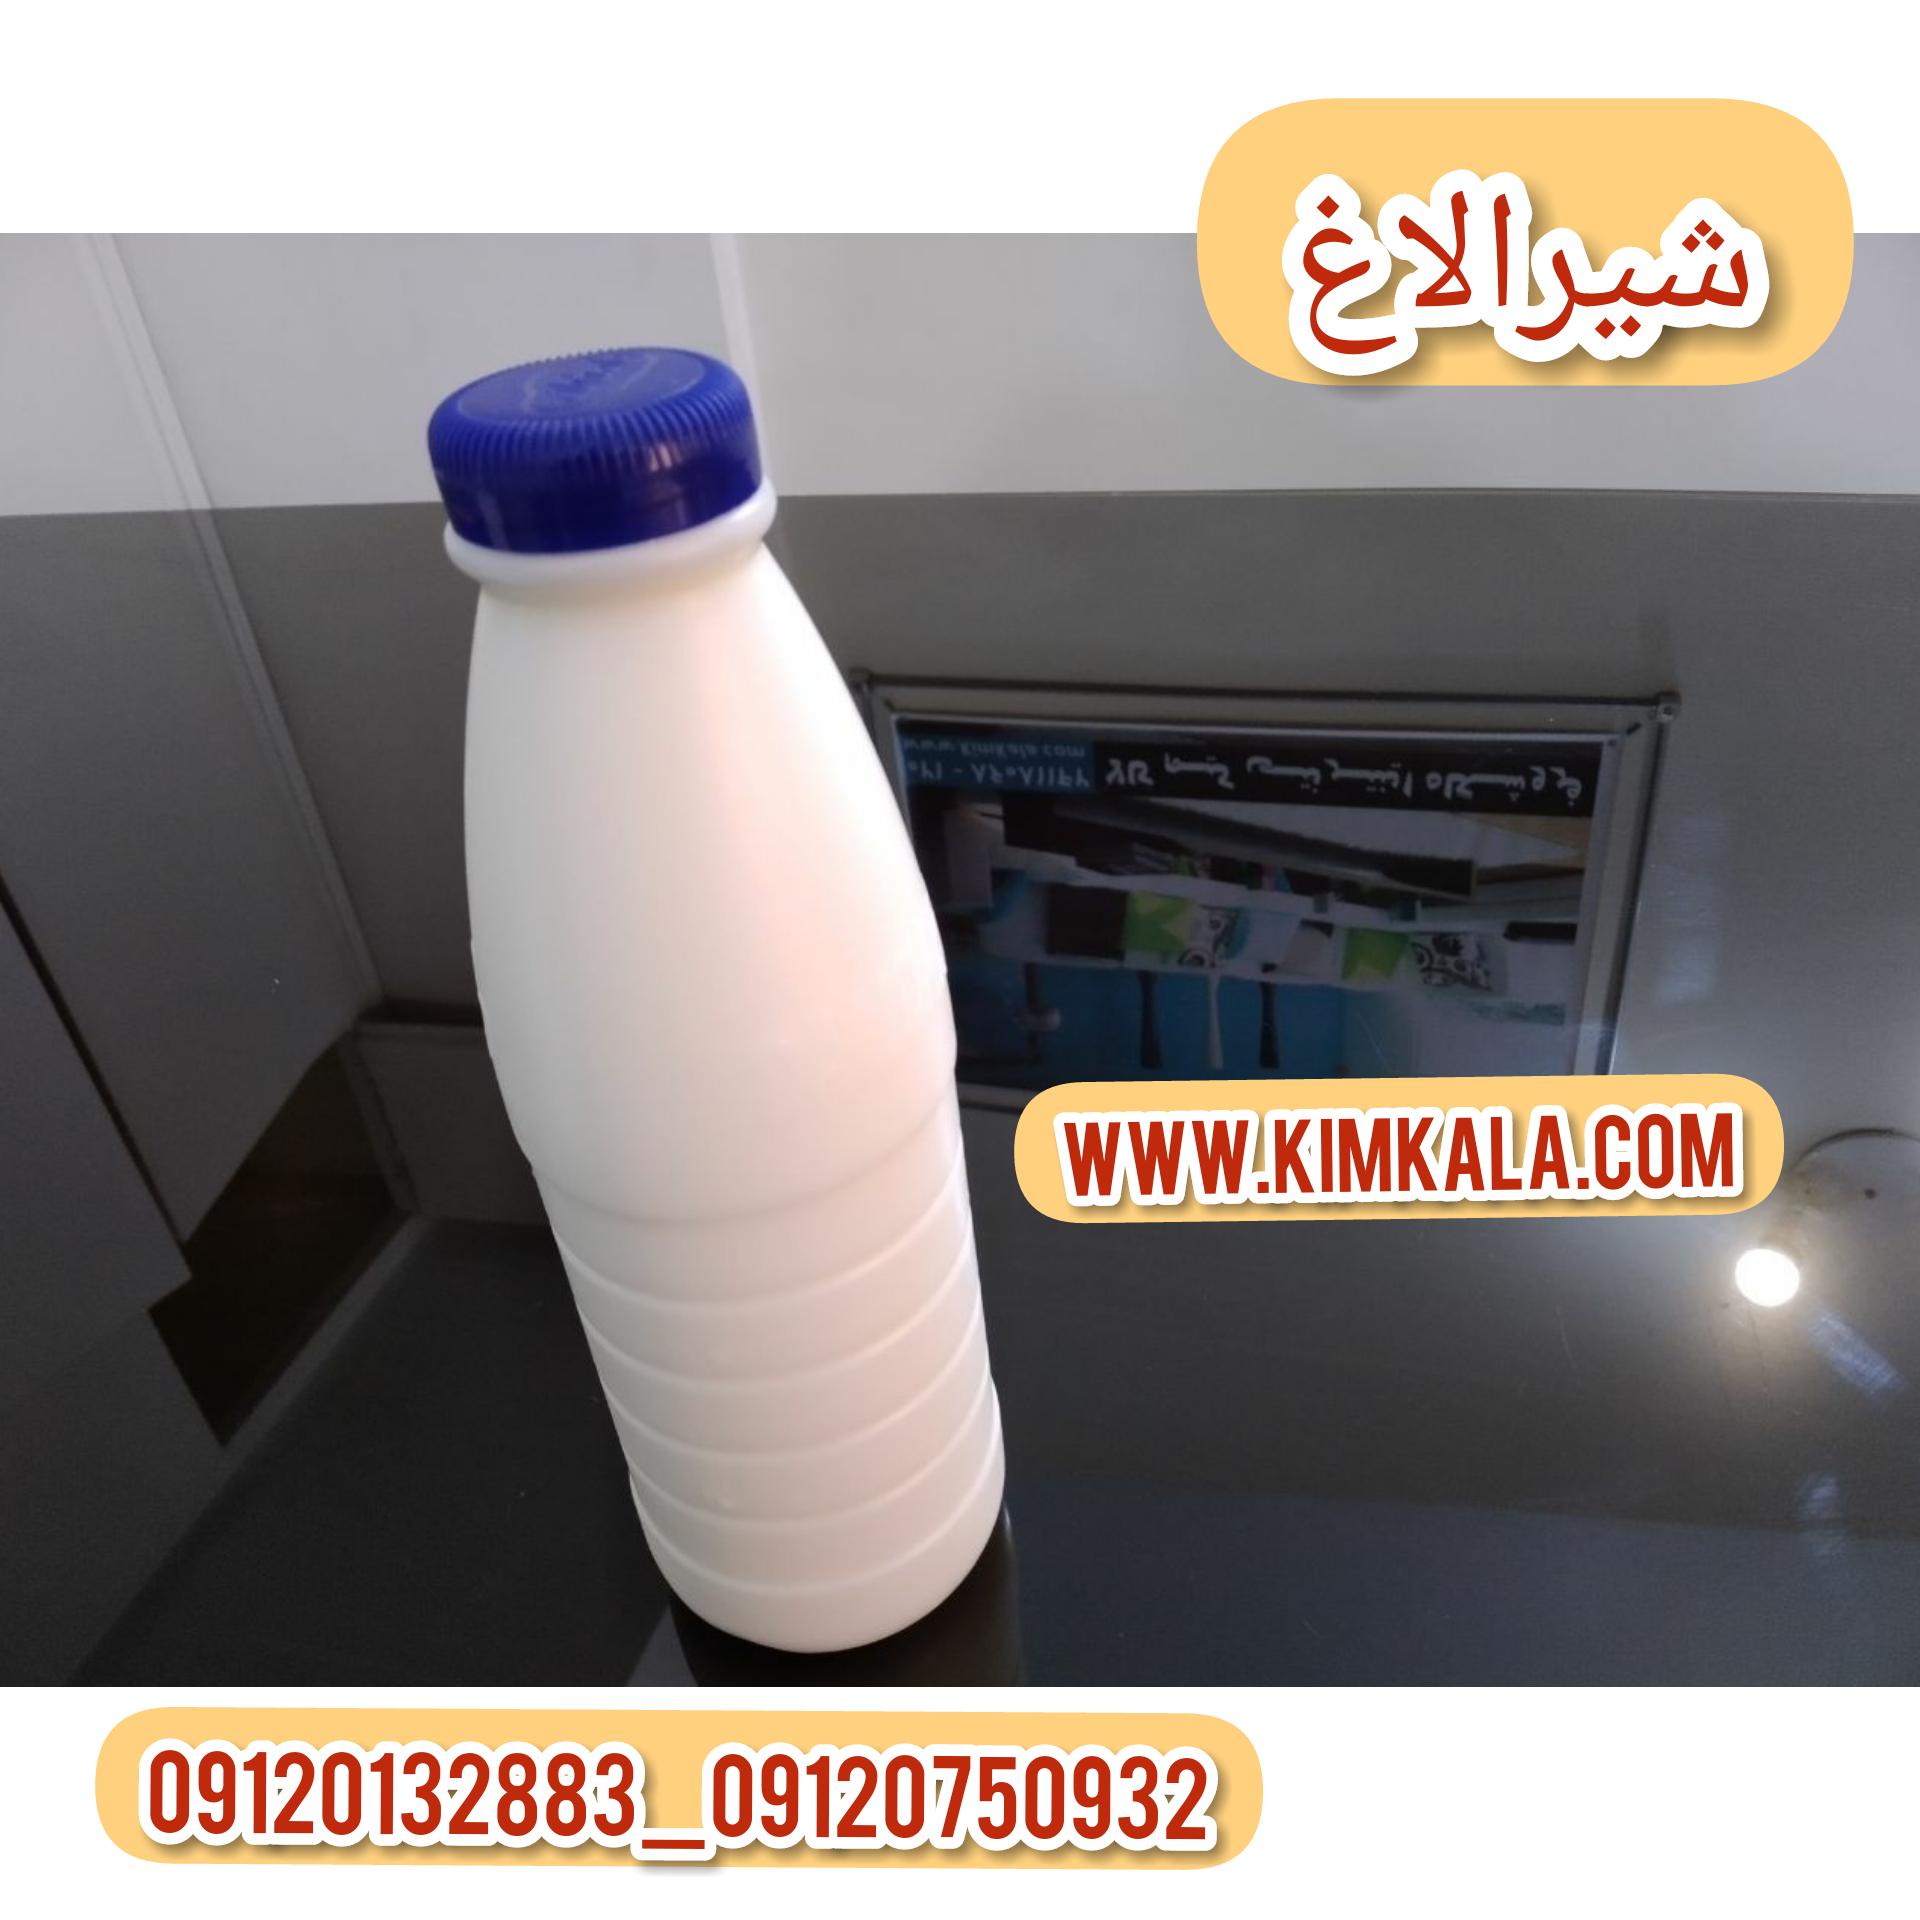 شیرالاغ تازه۰۹۱۲۰۱۳۲۸۸۳/قیمت شیرالاغ اصل